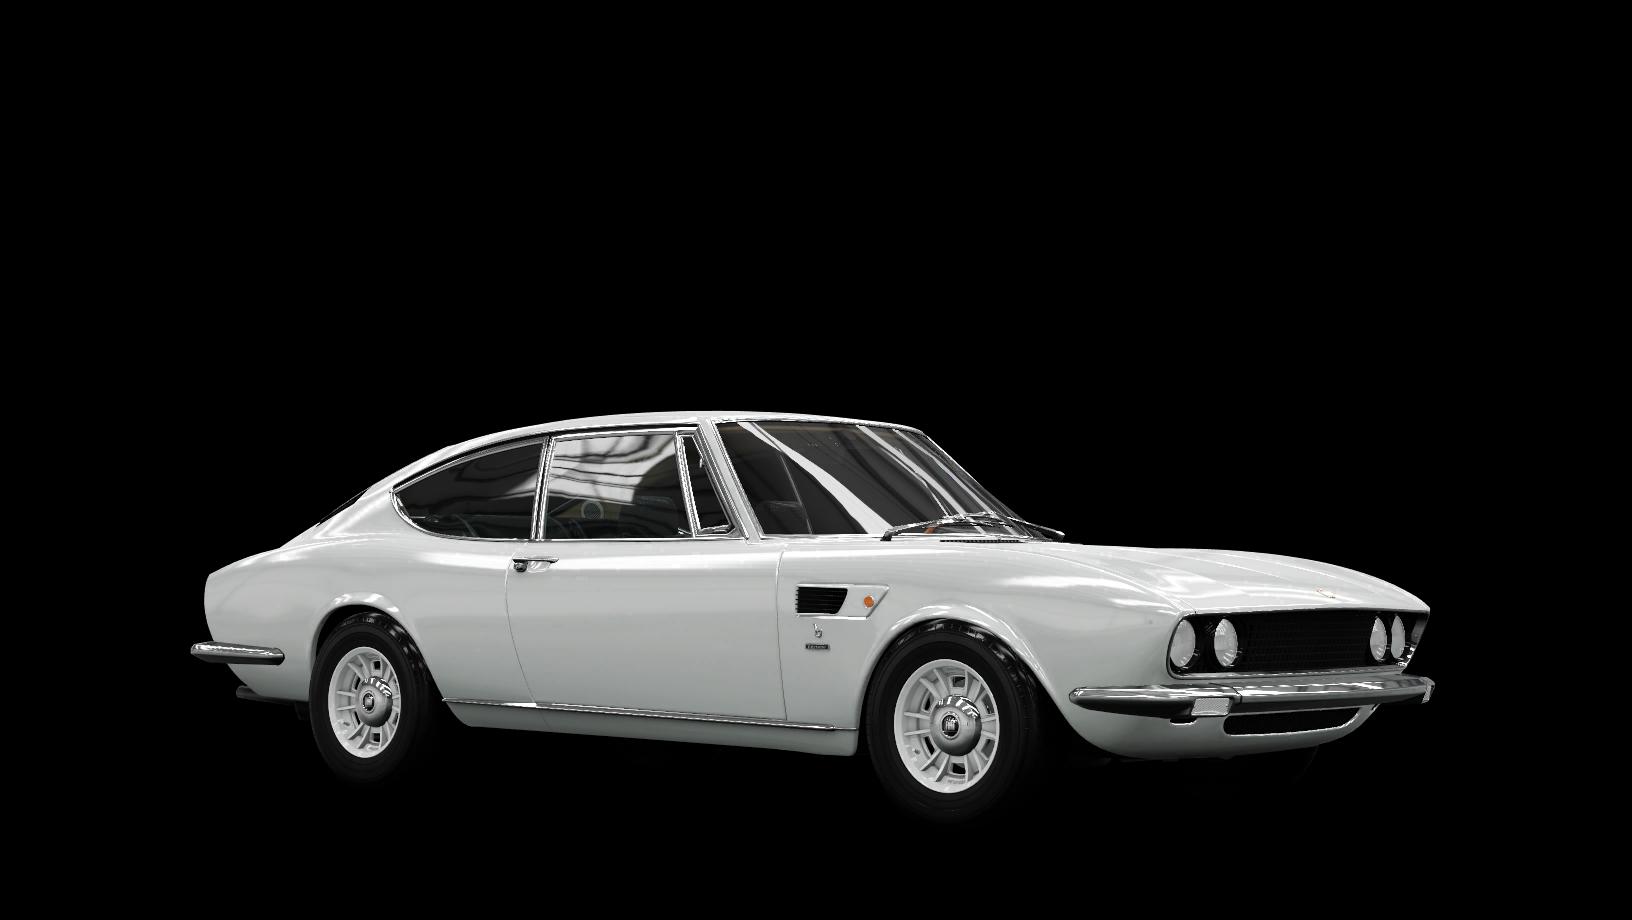 Fiat Dino 2 4 Coupe Forza Wiki Fandom